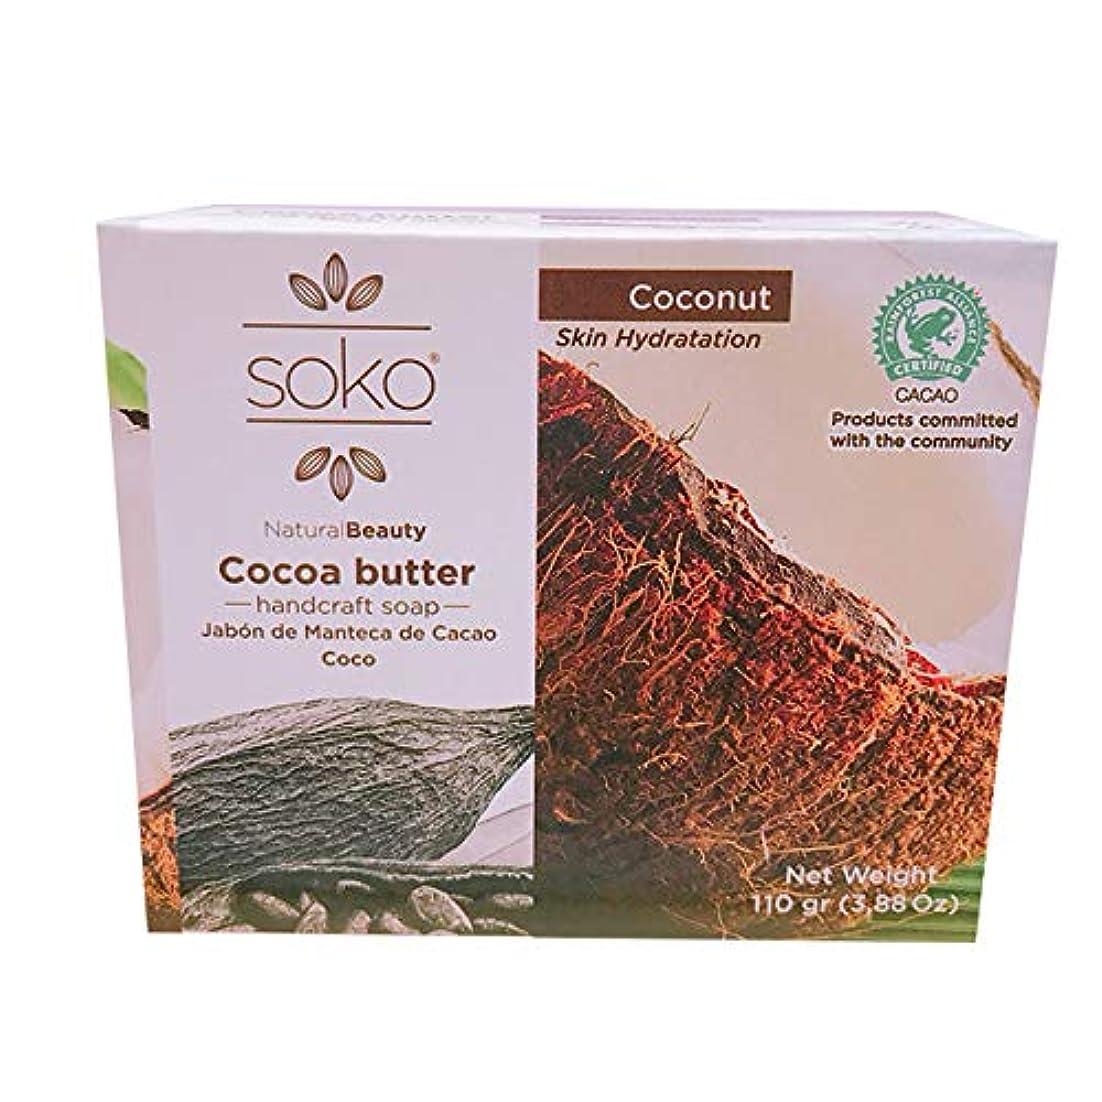 書き出すピニオンロック解除SOKOカカオバターナチュラル石鹸(ココナッツ)